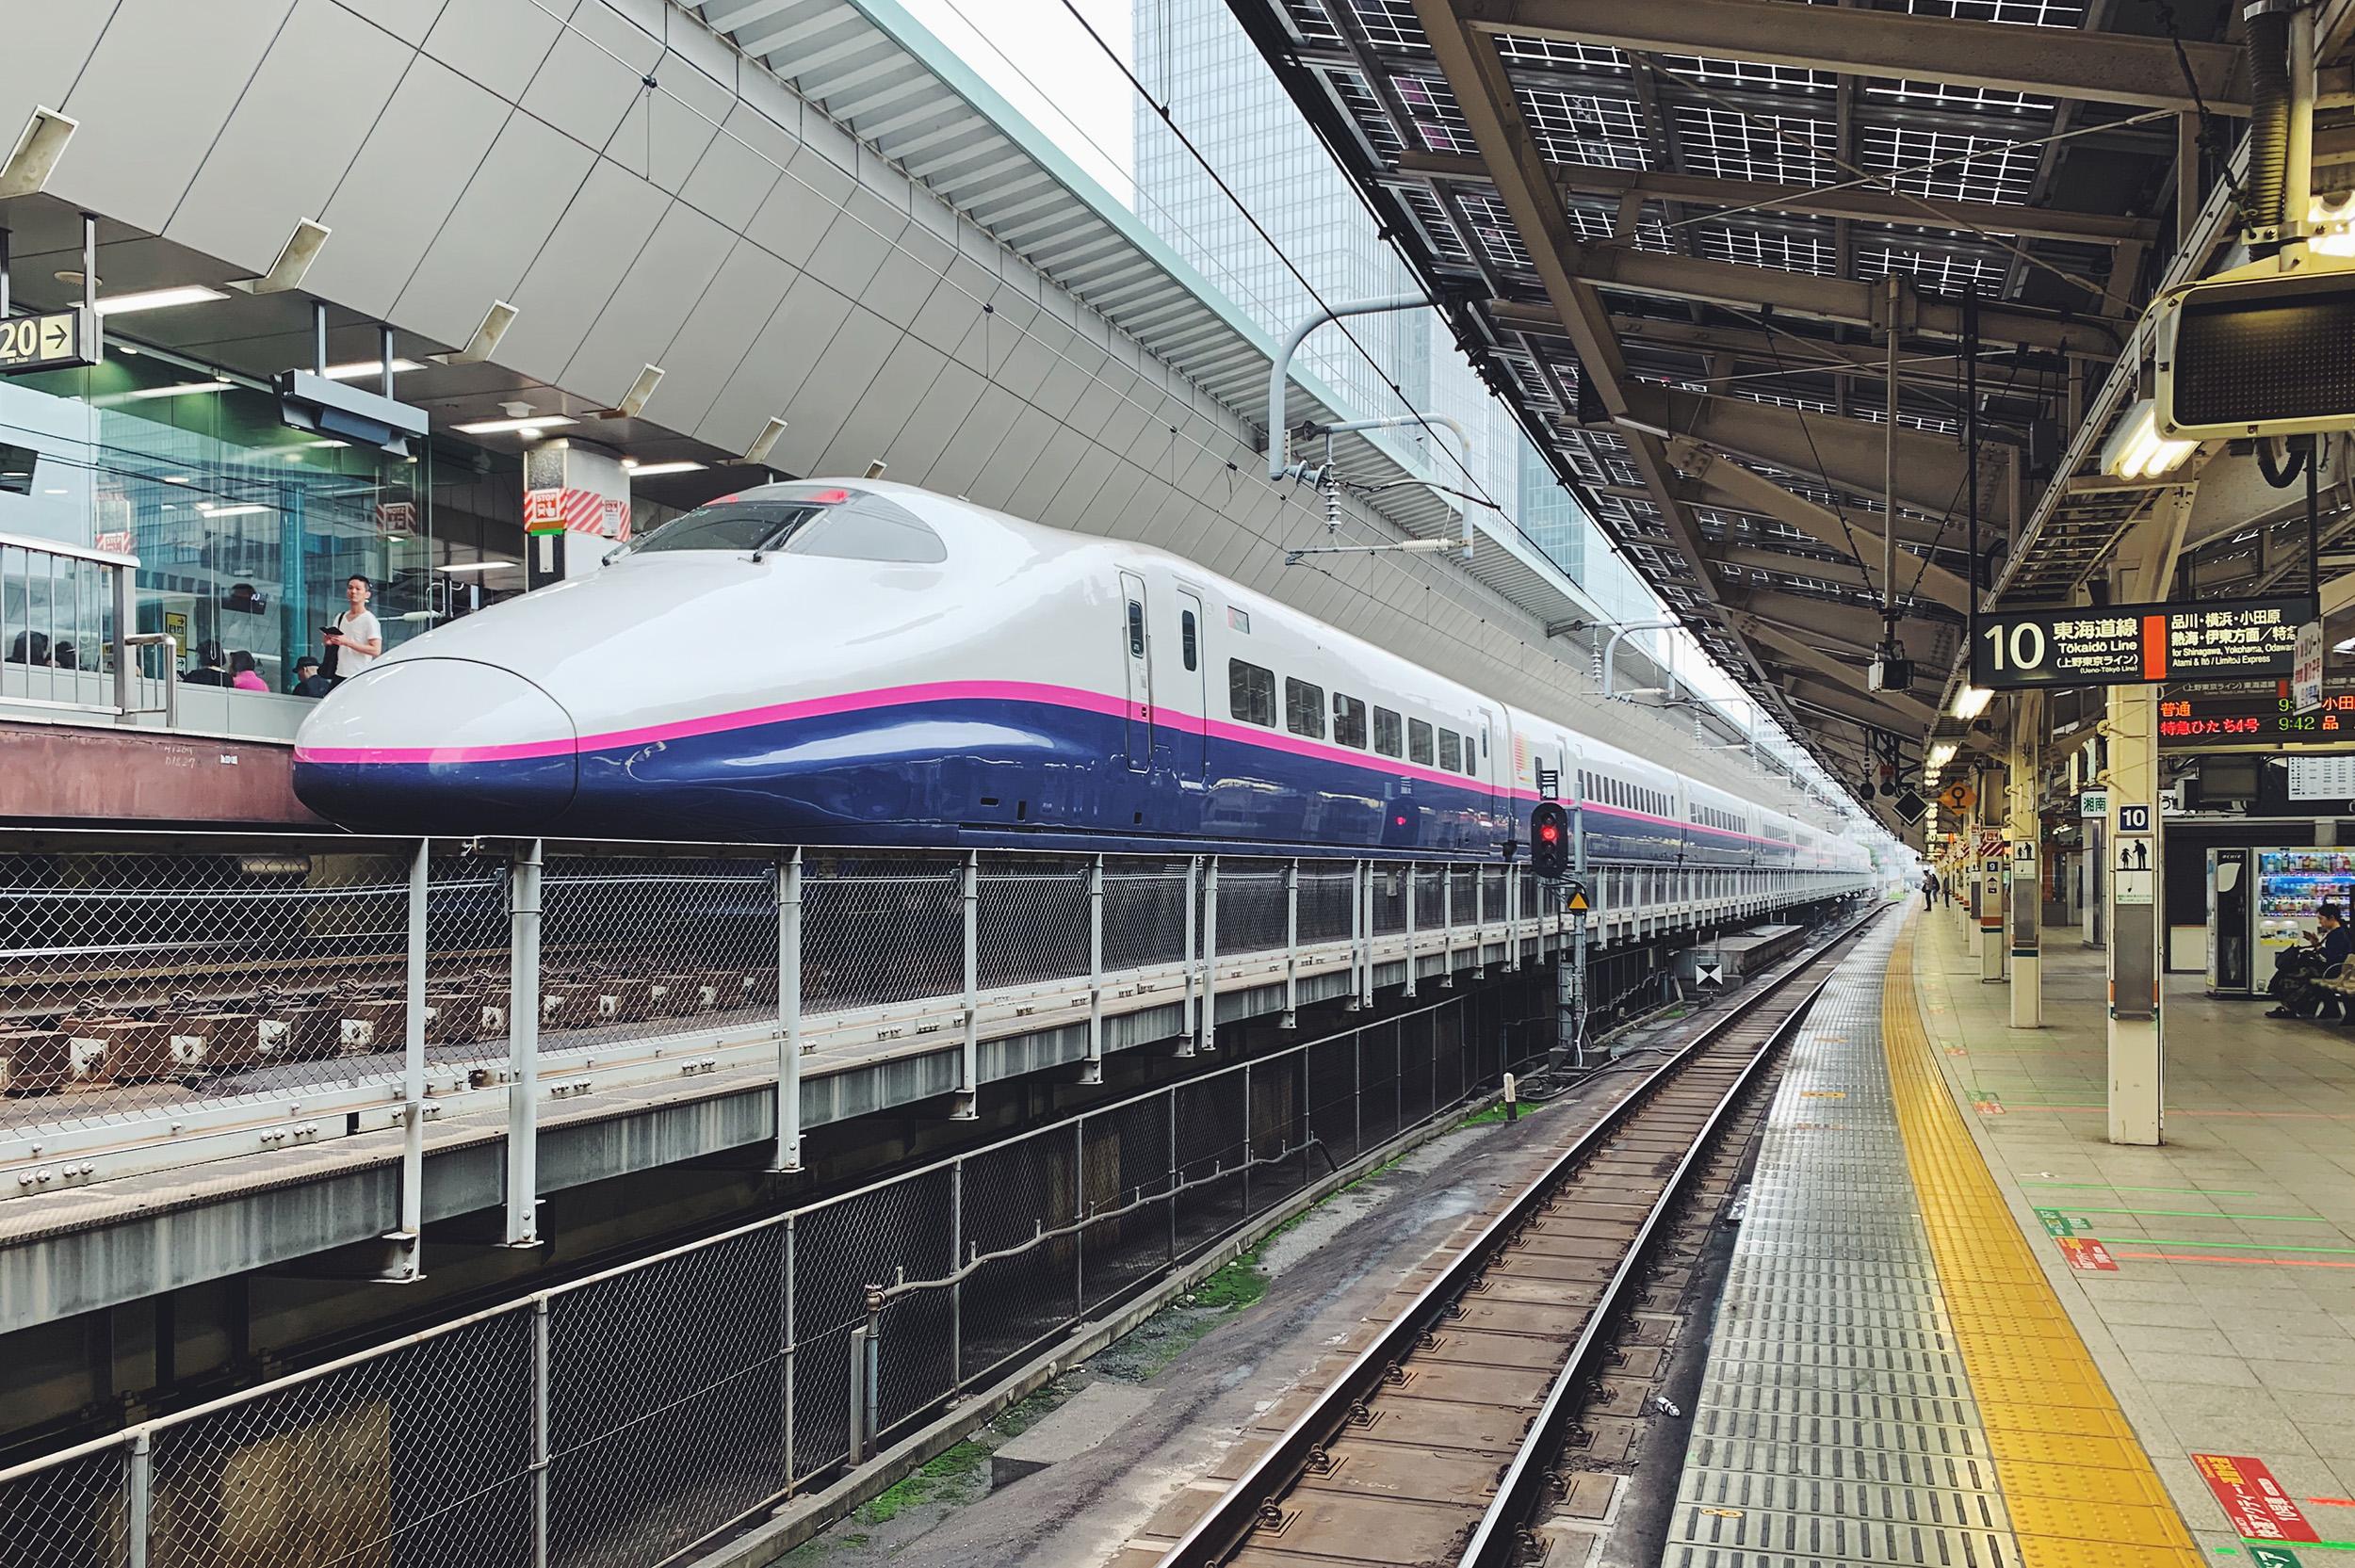 The legendary Shinkansen bullet train.